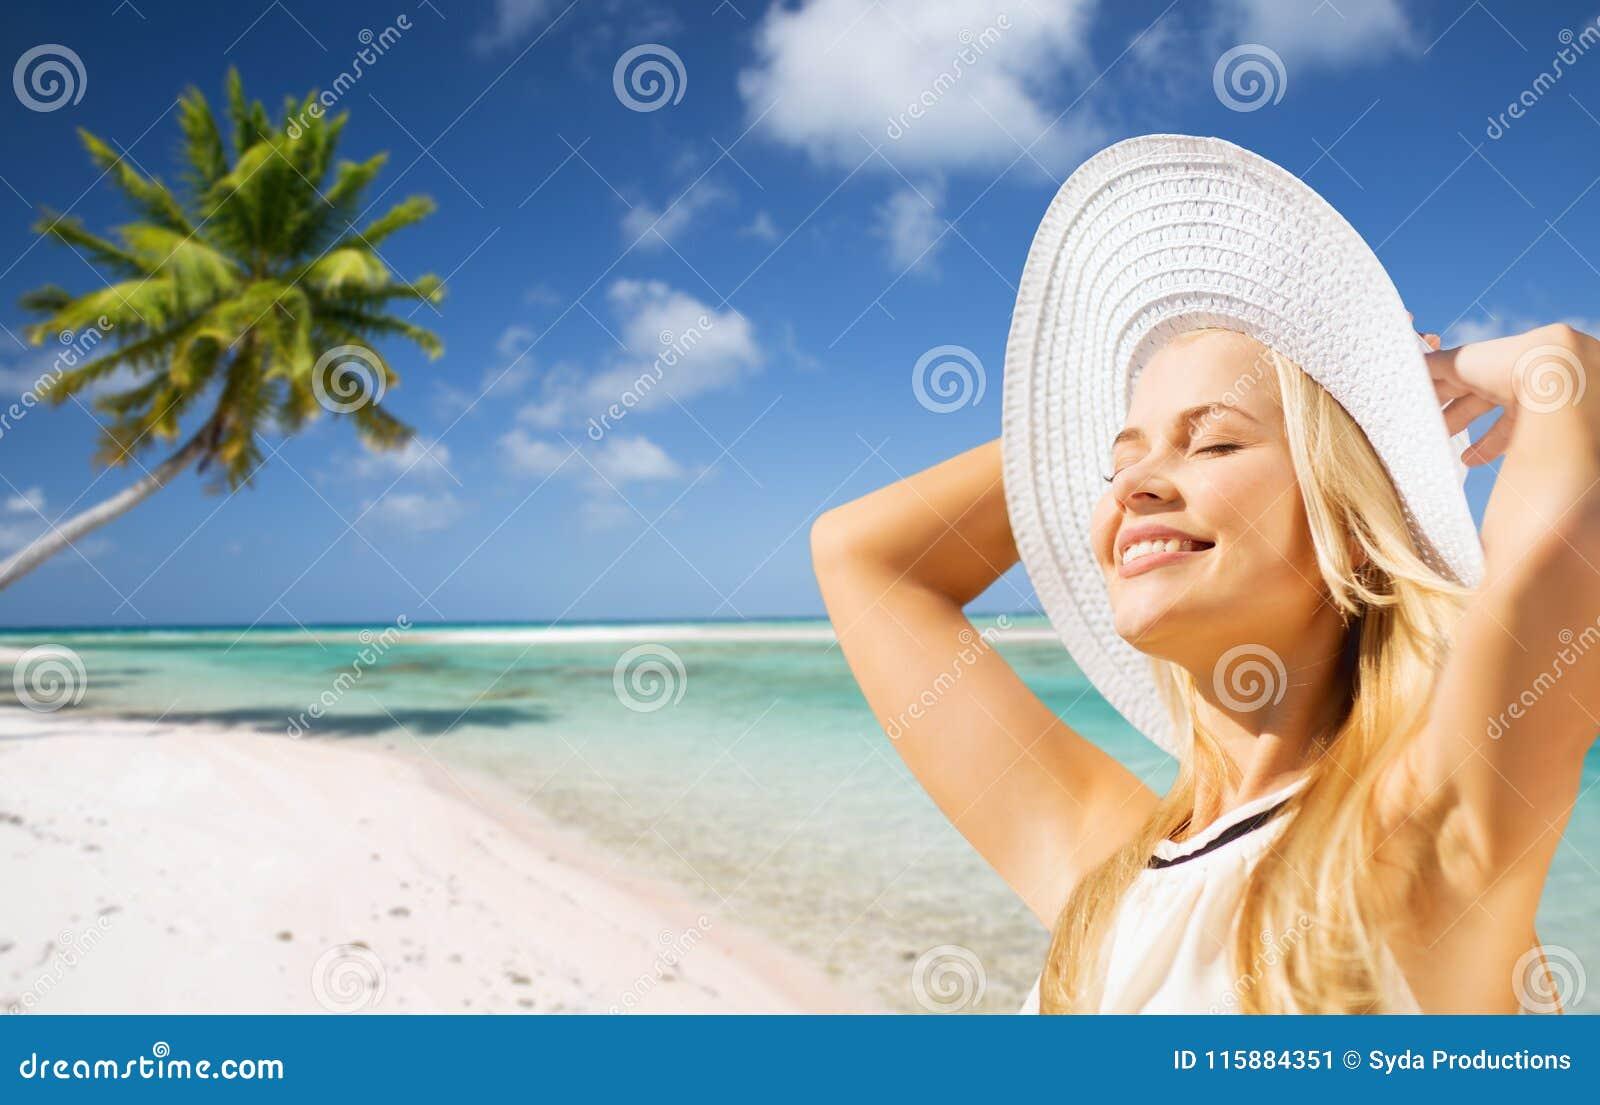 Belle femme appréciant l été au-dessus de la plage